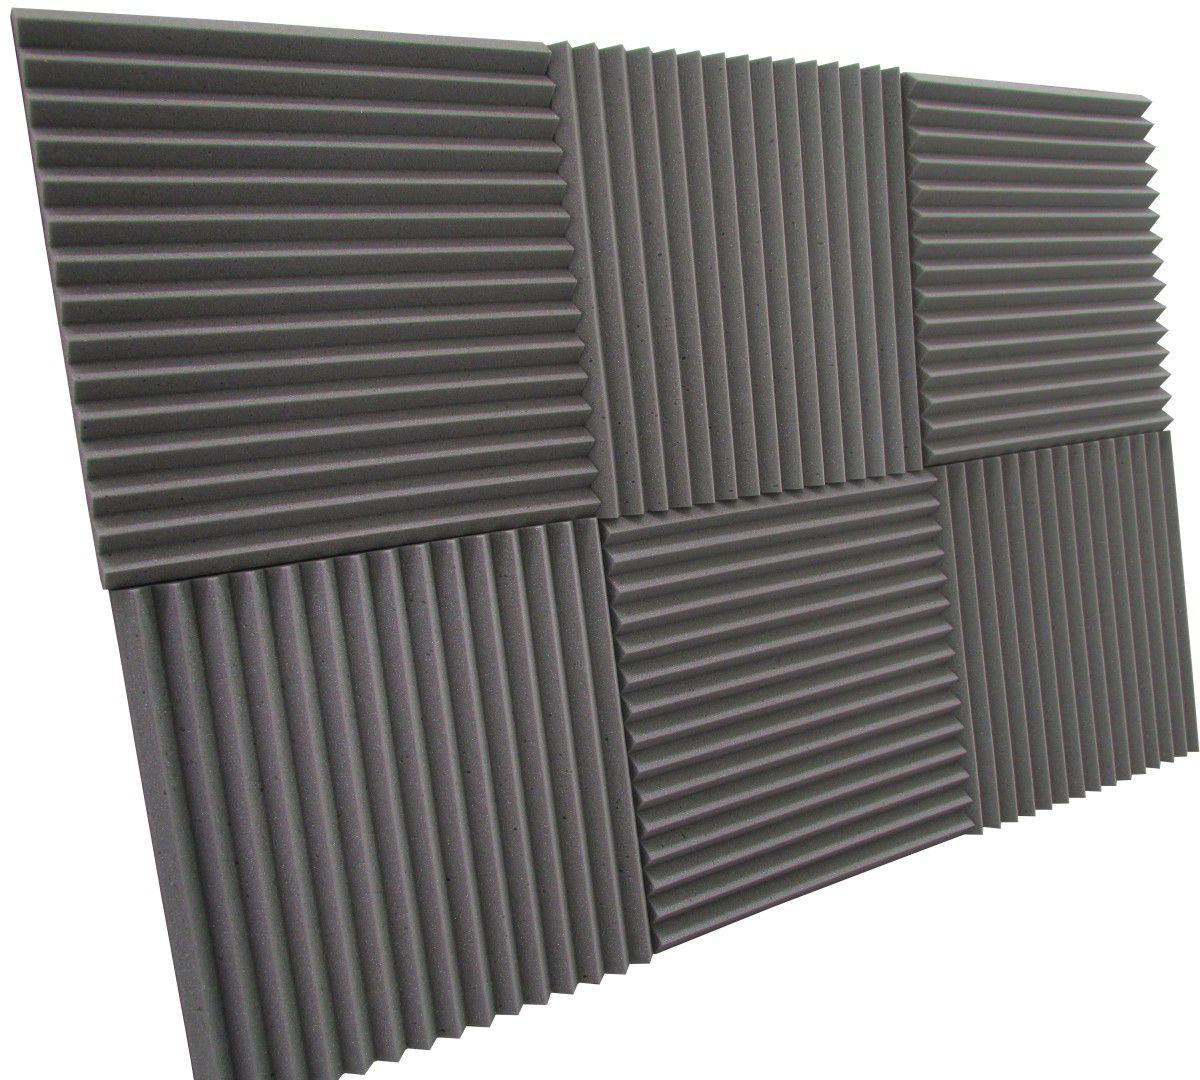 Espuma acústica Linha REV - W2 - Kit 8 peças - (2m²)  - Loja SPL Acústica